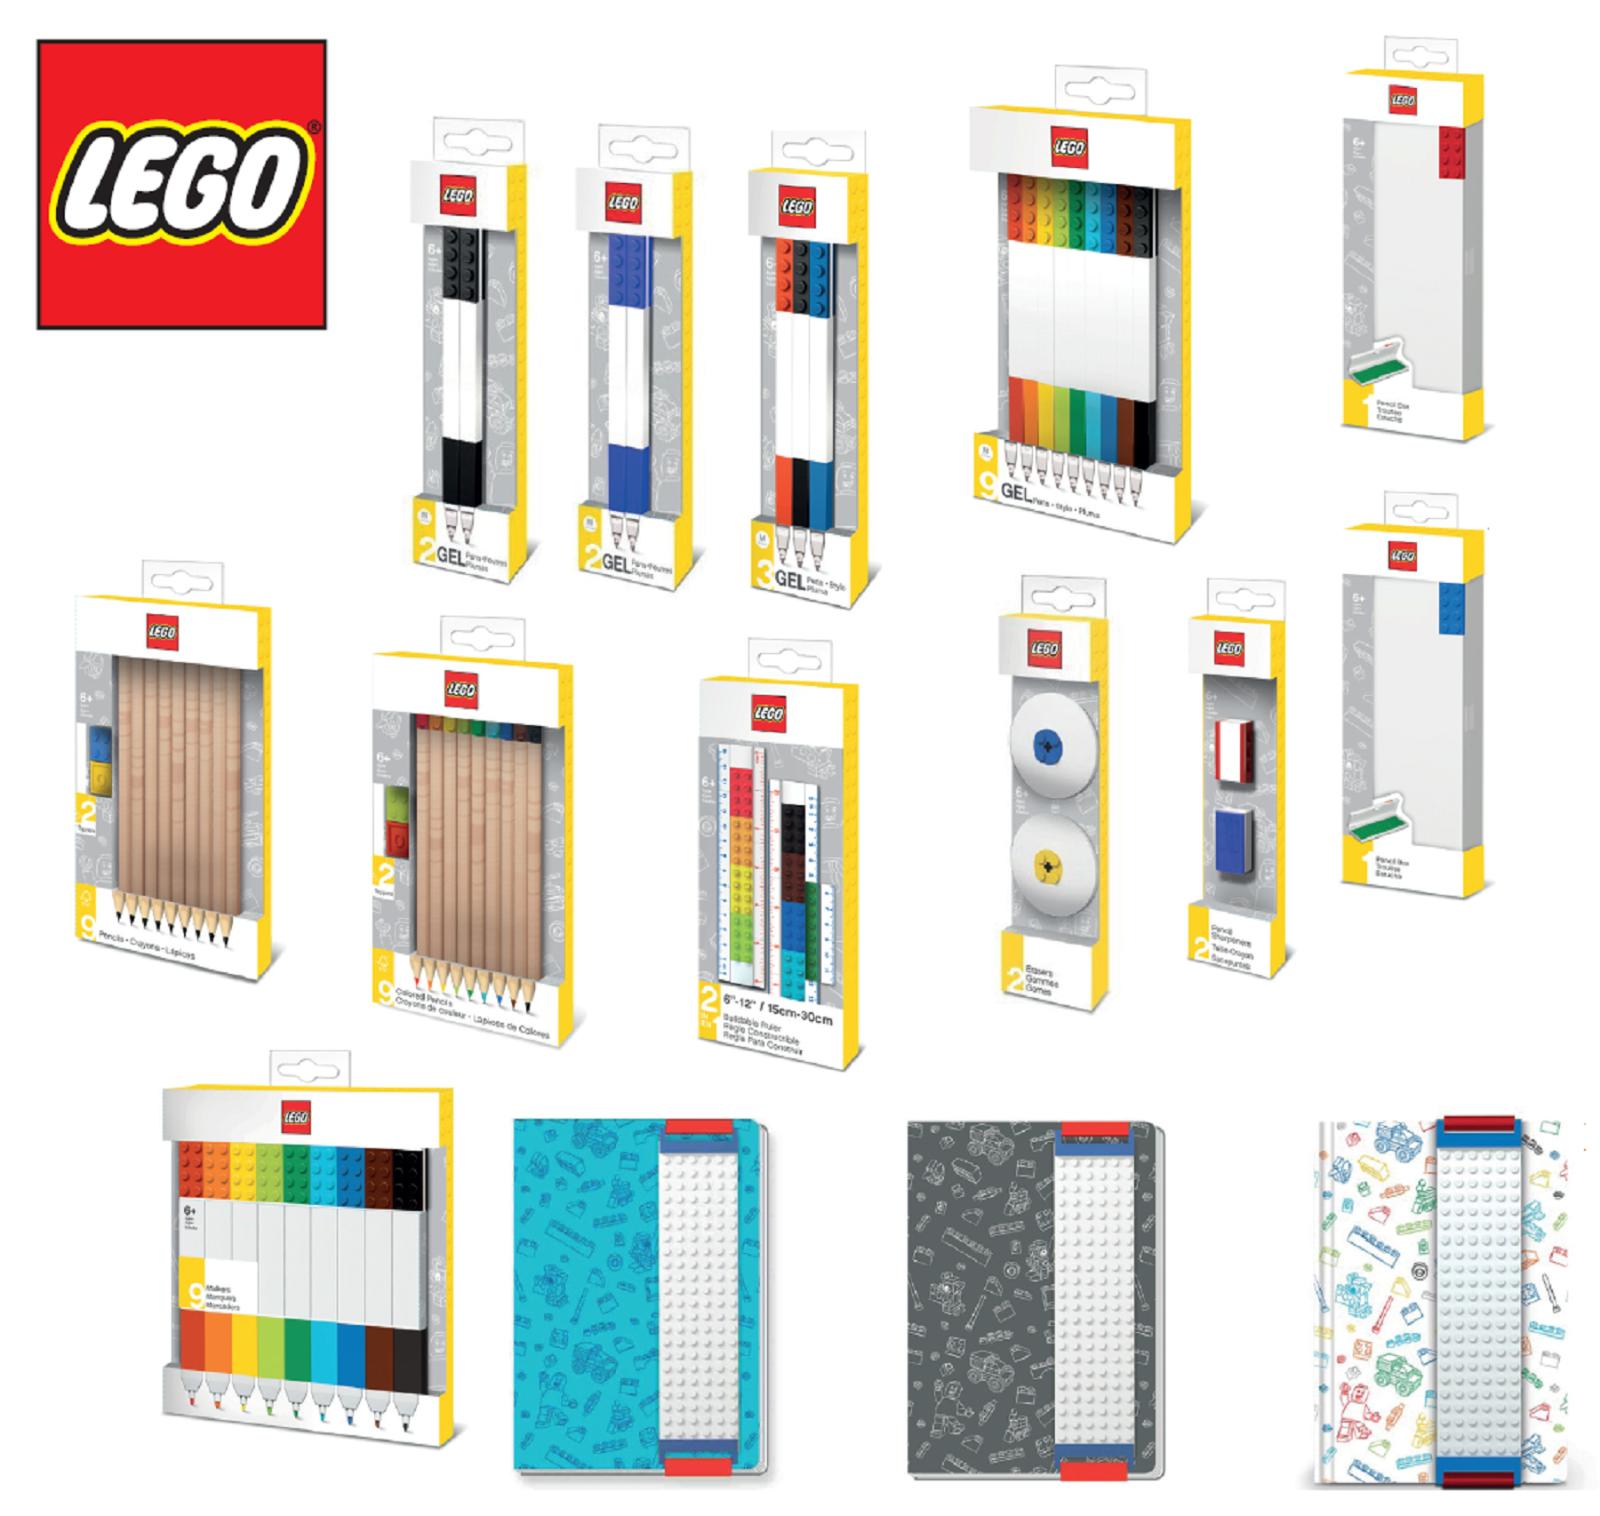 Offiziell Lego Premium Schul Schreibwaren Arbeit Büro Aufbauende Ziegel | Sonderkauf  | Sehr gute Farbe  | Wunderbar